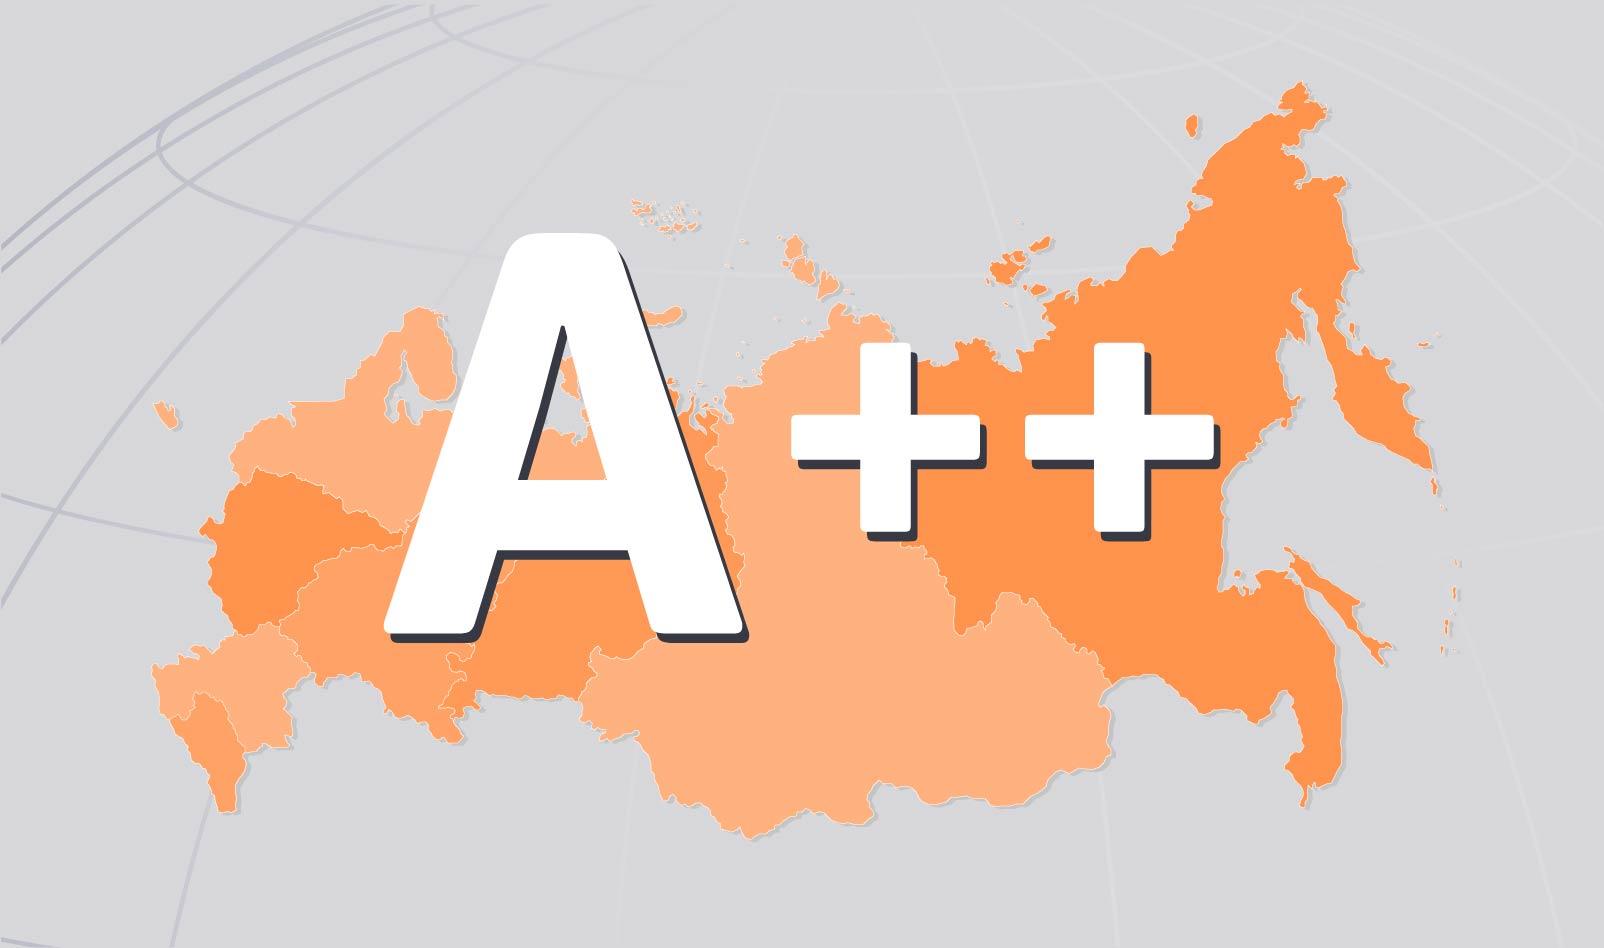 АКРА сообщило о подтверждении кредитного рейтинга ЛК «Европлан» и ее облигаций на уровне А+